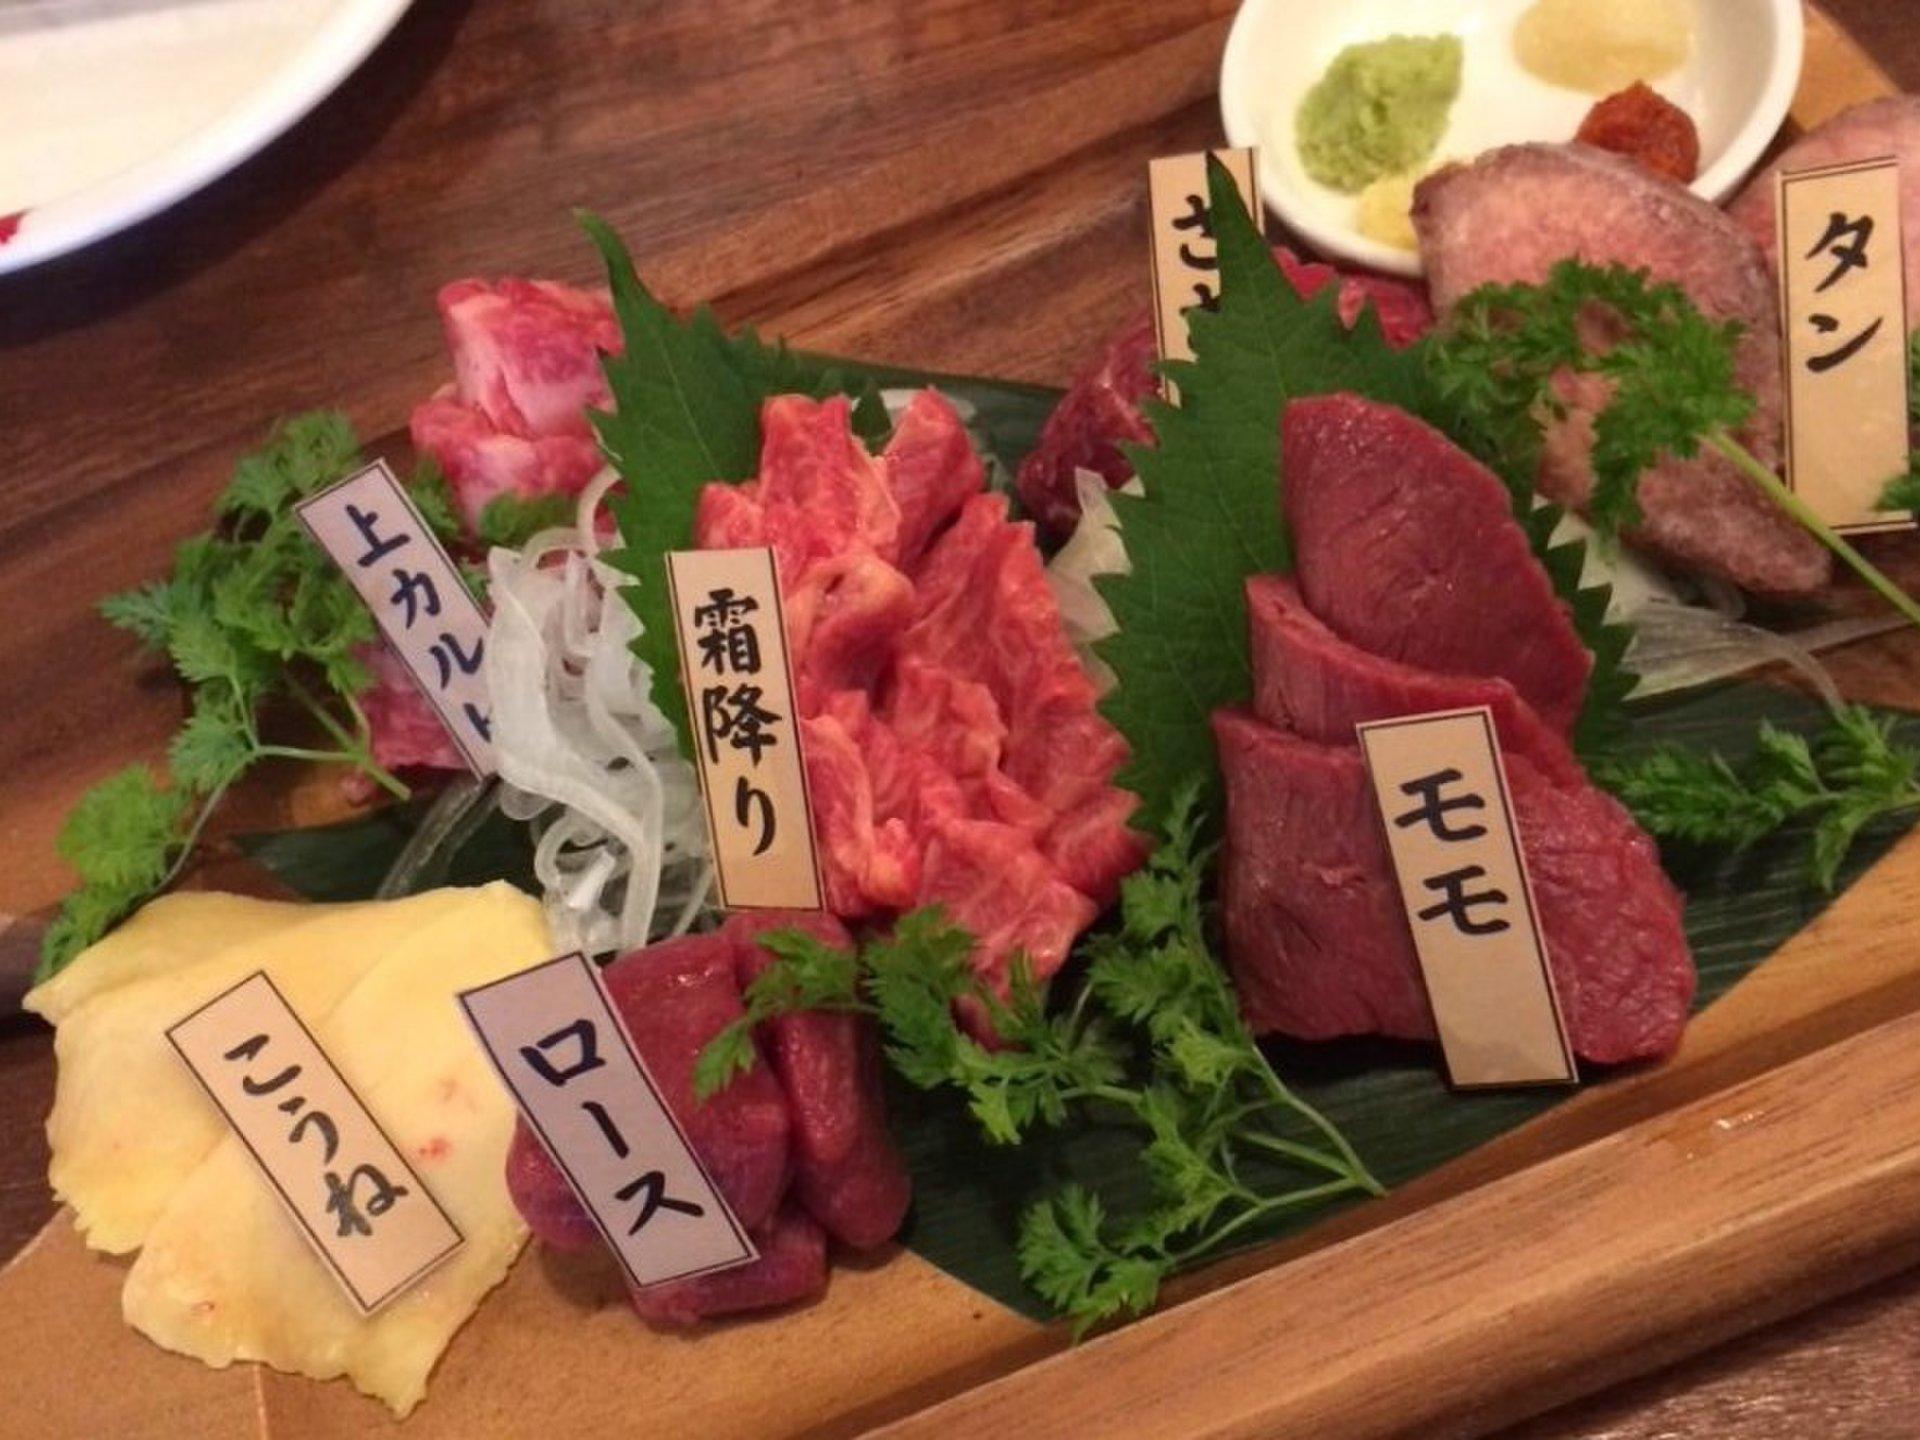 新橋駅近グルメ「馬酒場ボブリー」熟成馬肉の美味しさに感動!